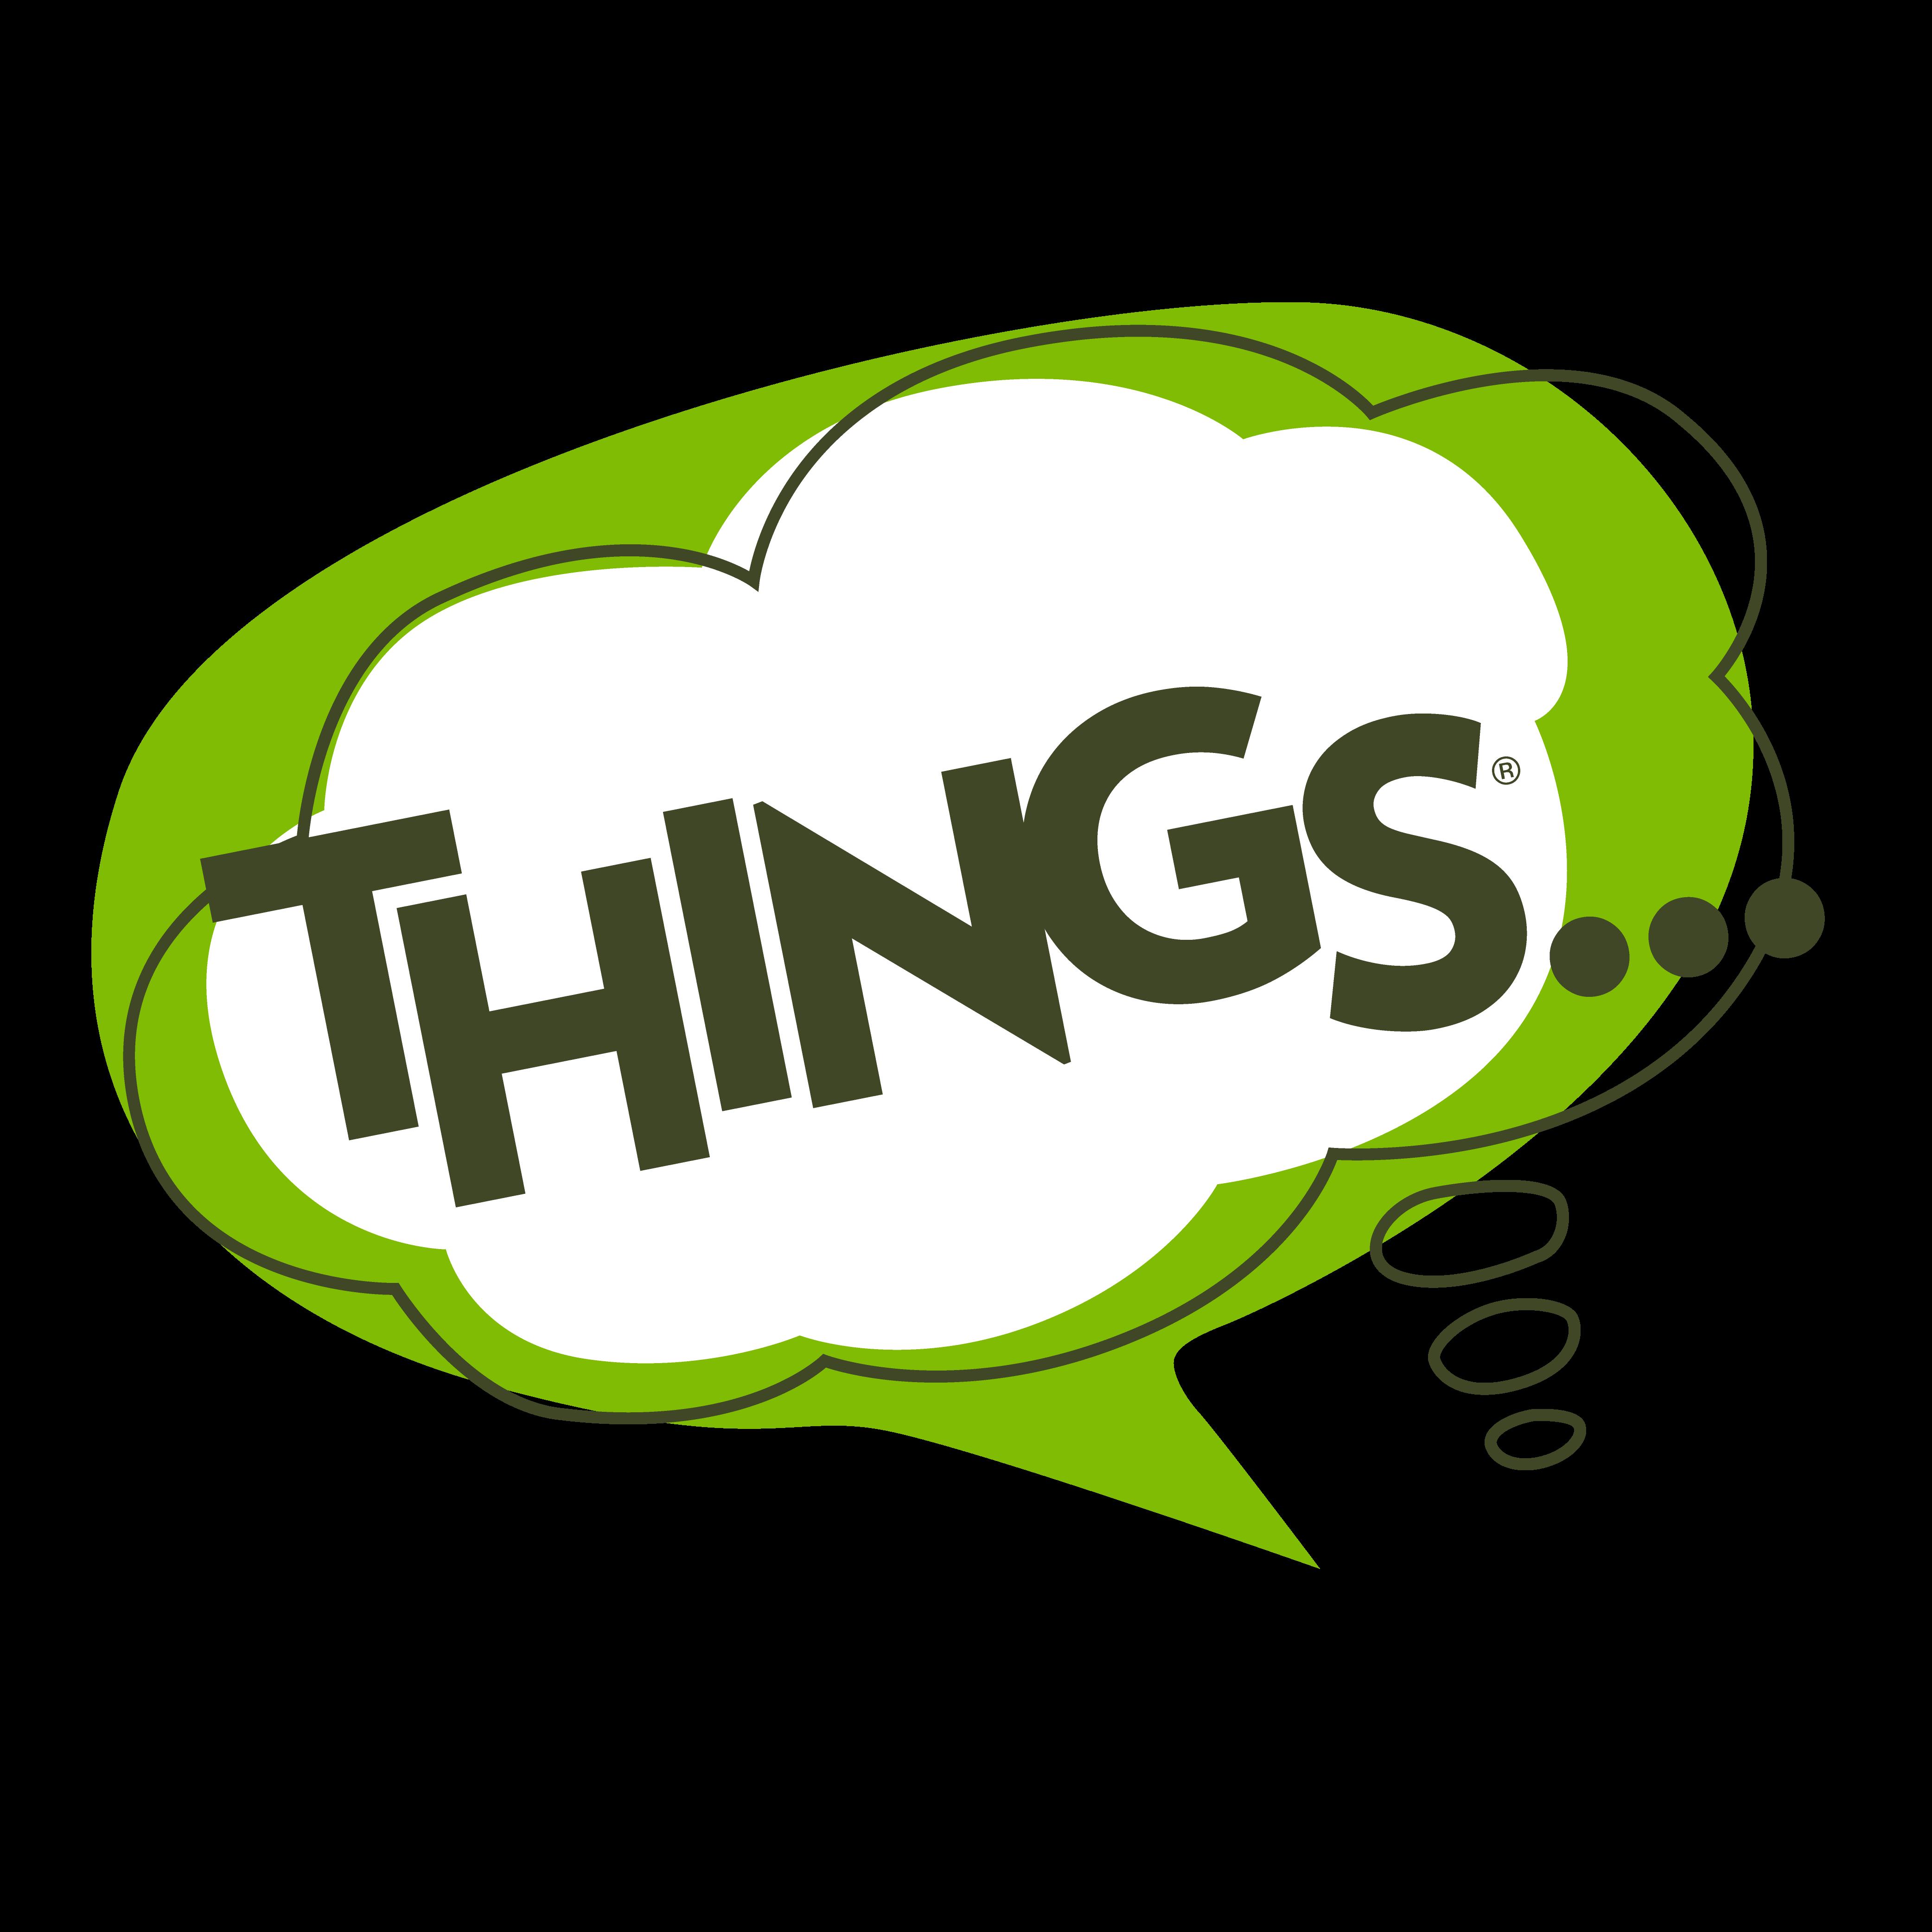 THINGS... ®